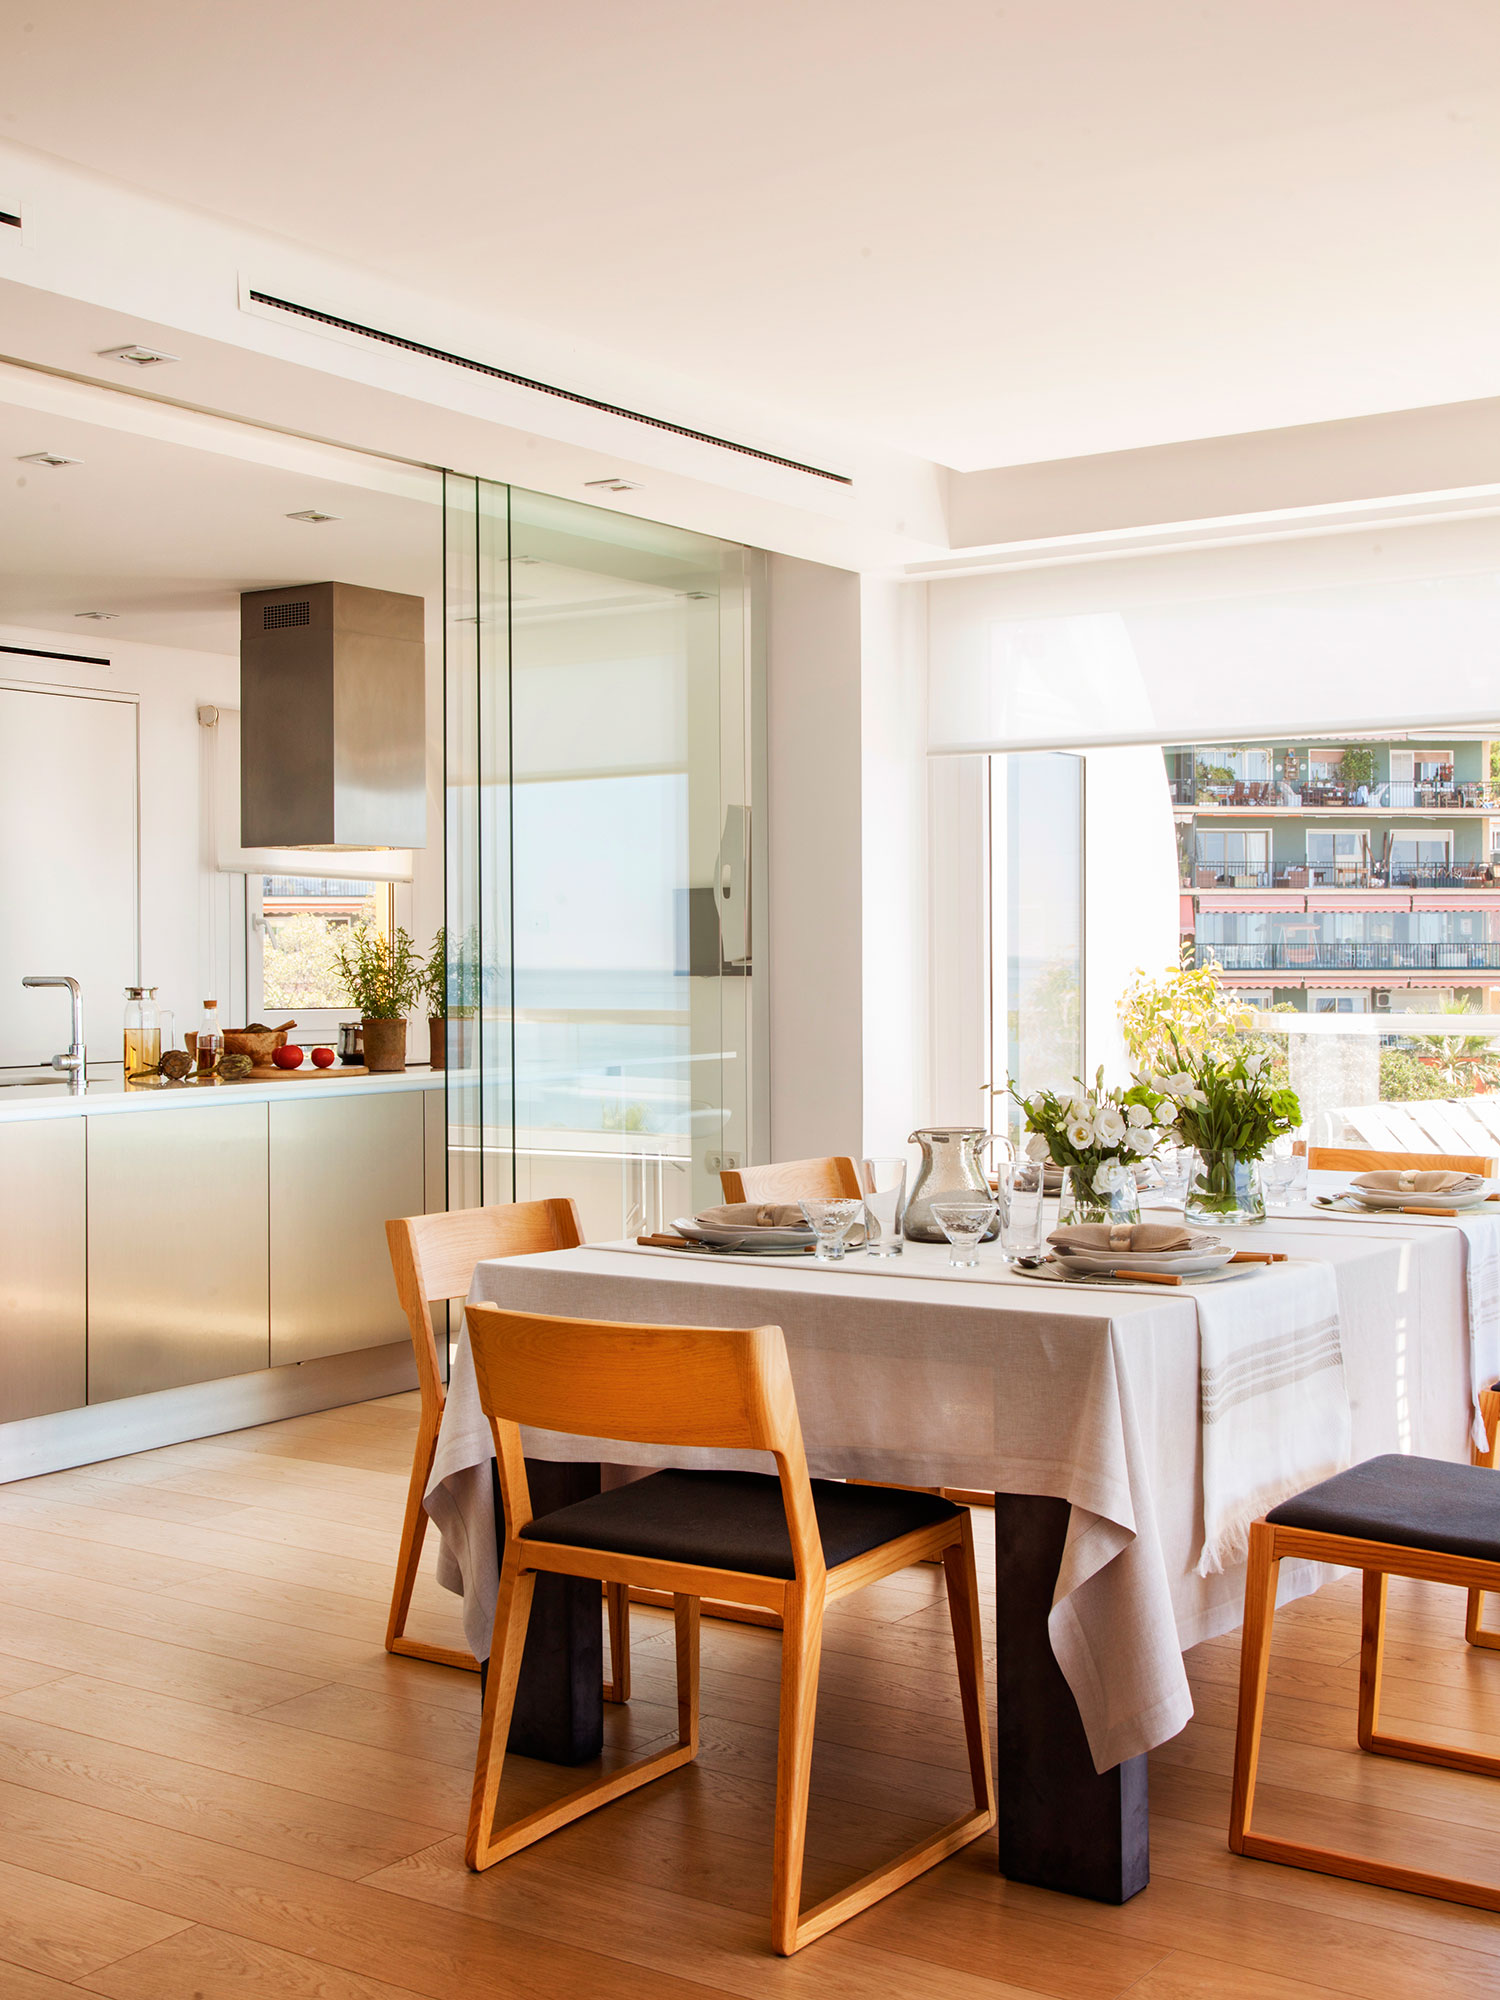 10 ideas infalibles para multiplicar la luz en la cocina - Cocina comedor ideas ...